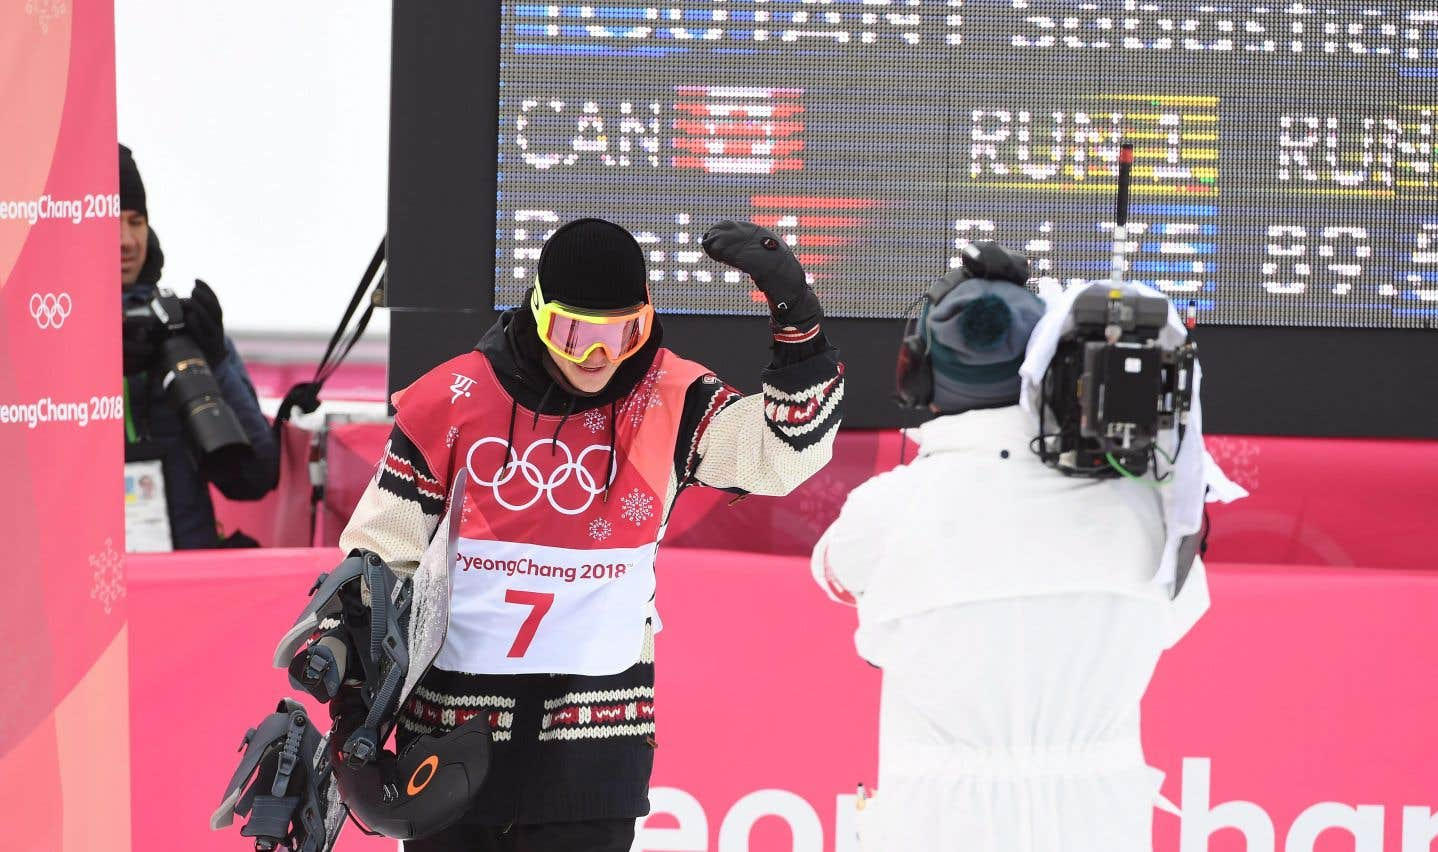 Le Québécois Sébastien Toutant après son deuxième saut, samedi, à Pyeongchang